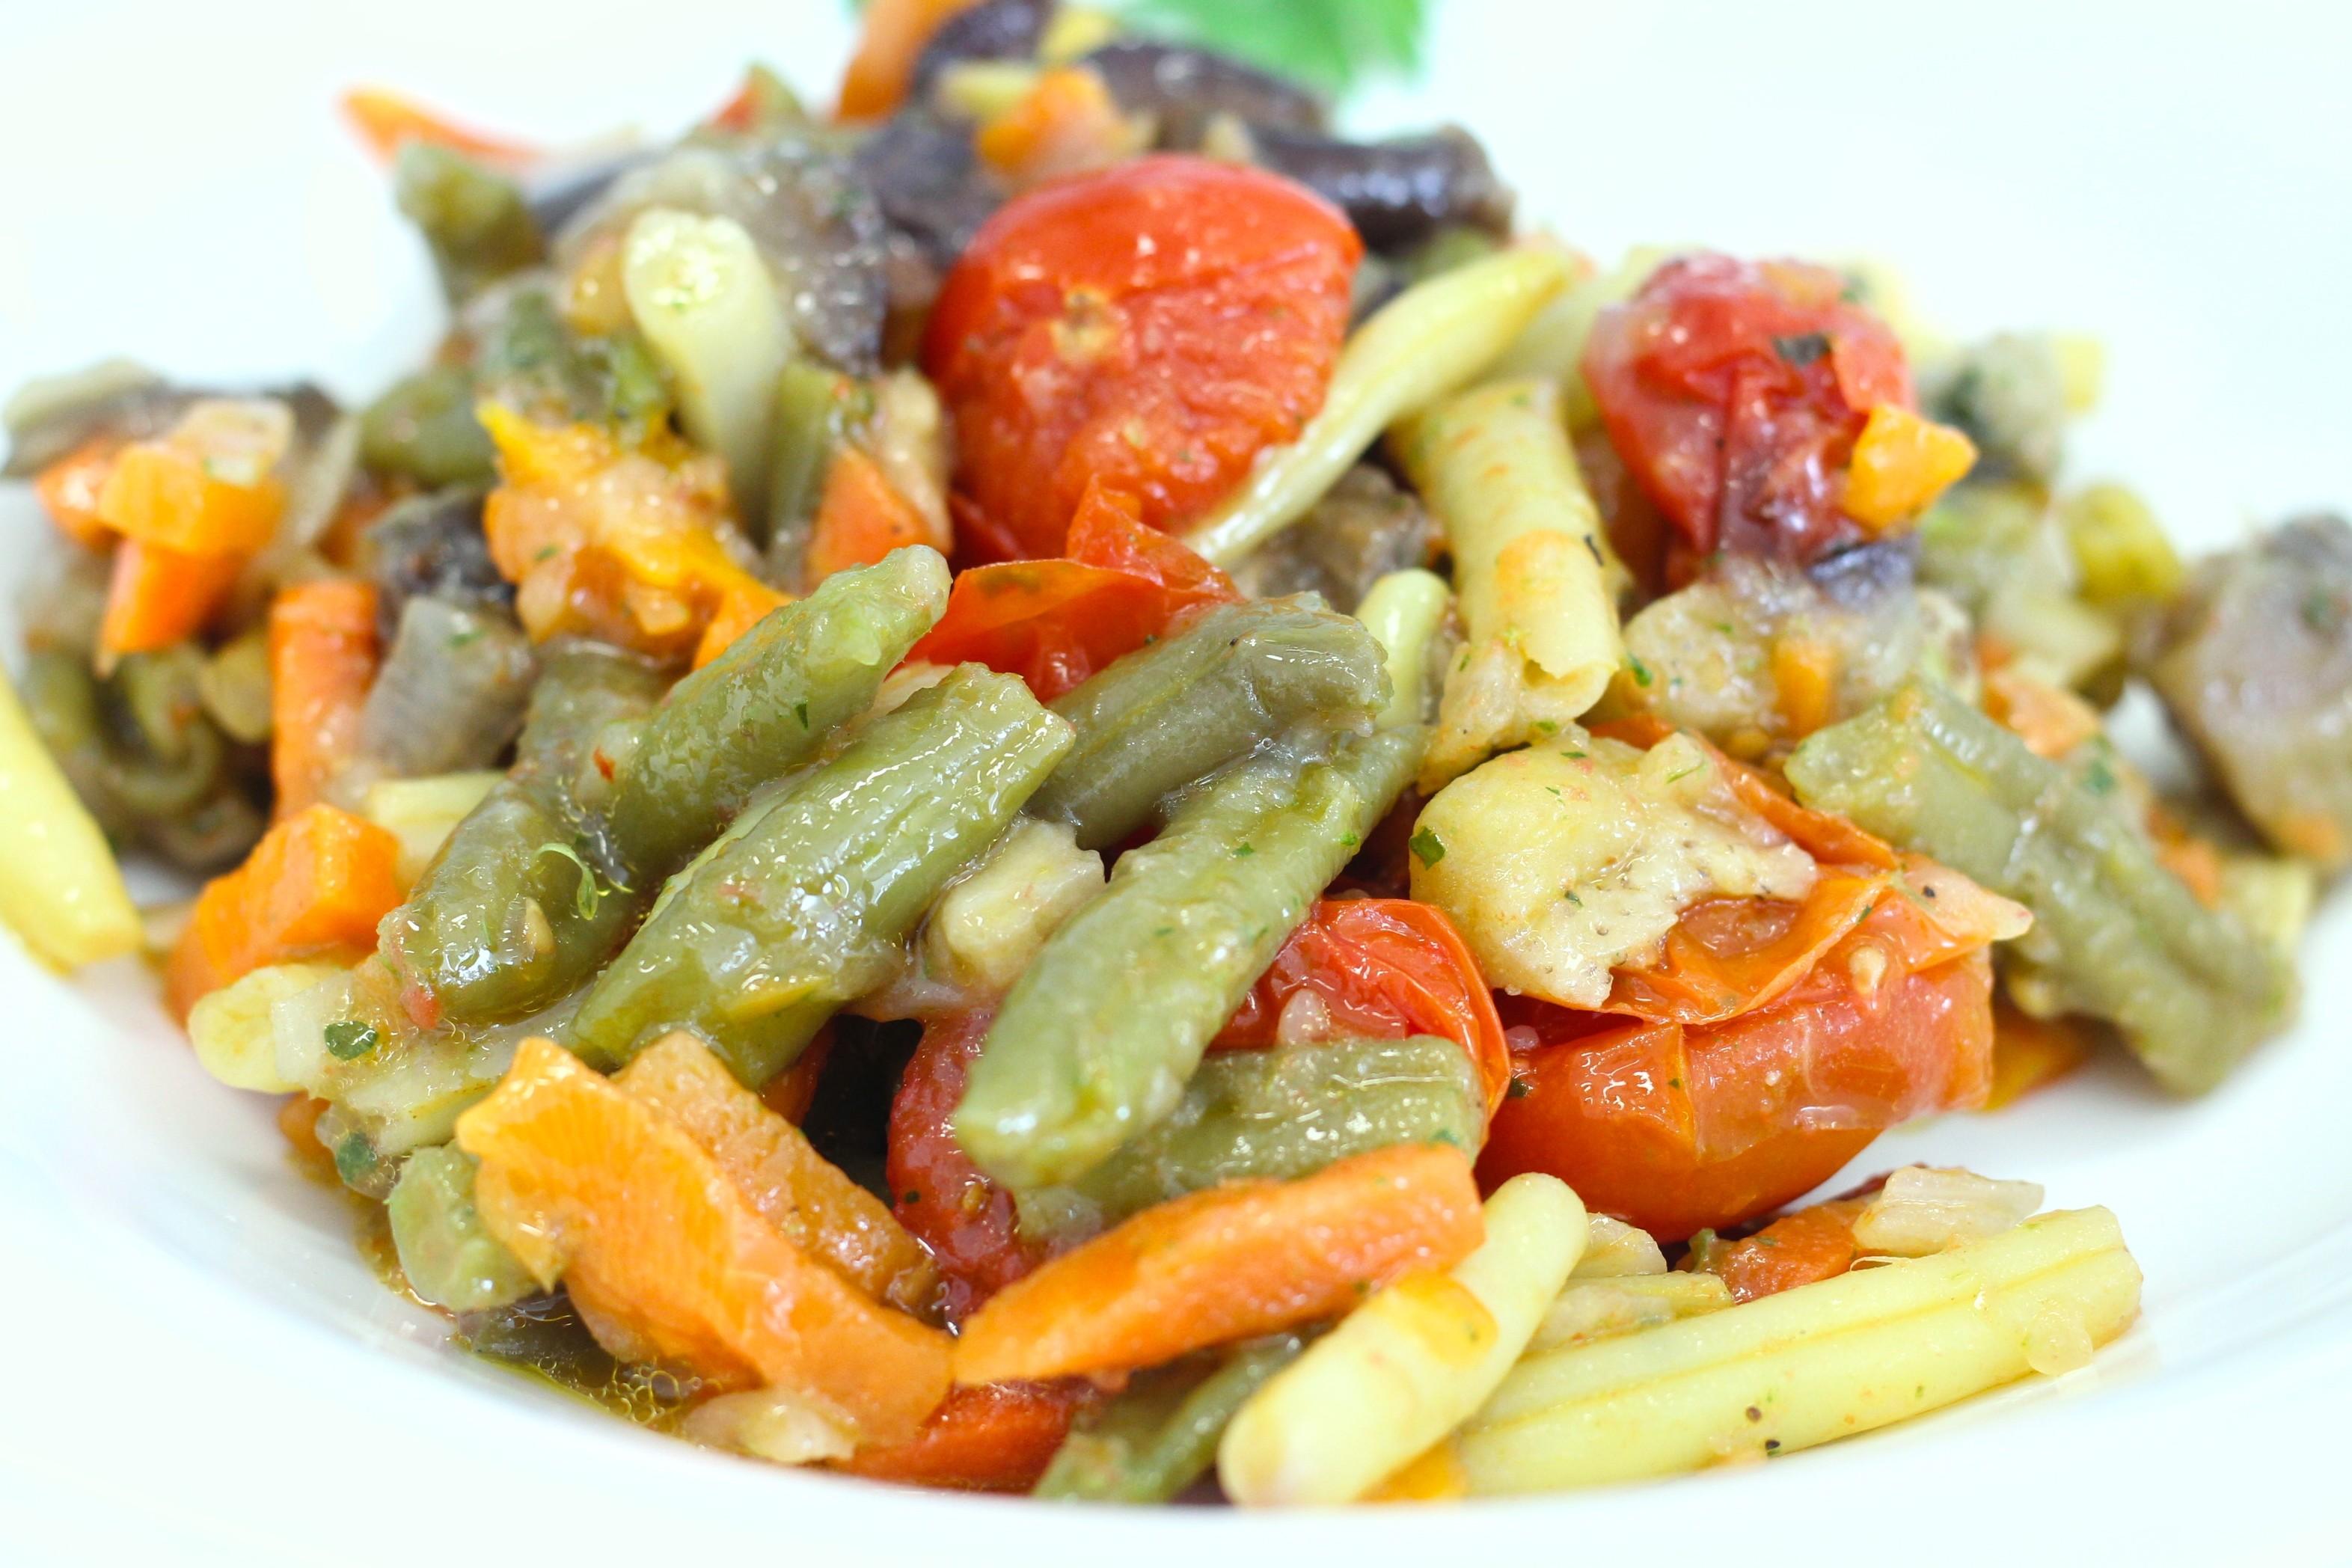 Salteado de verduras con tomate cherry asado